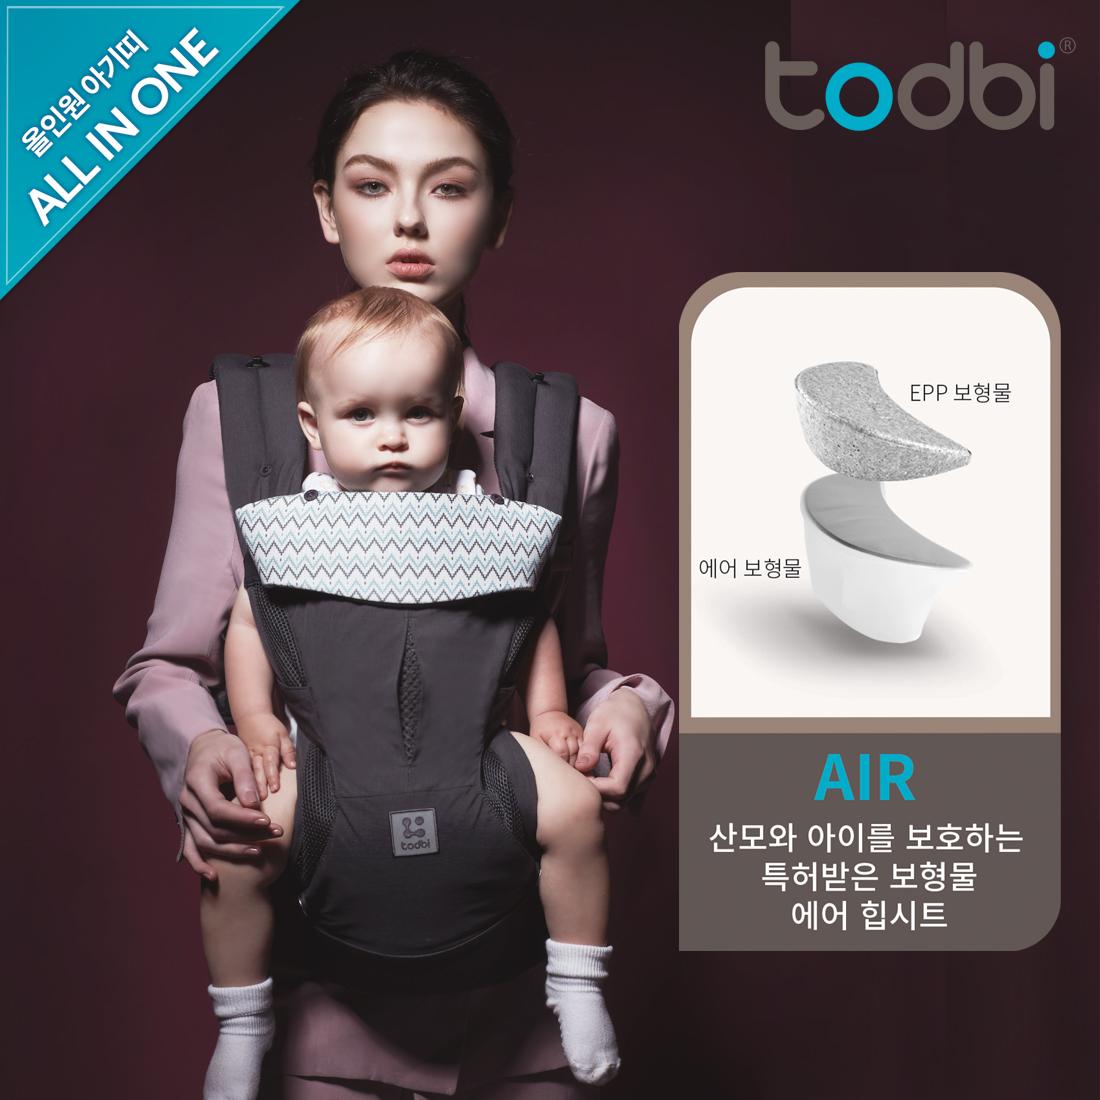 [토드비] 히든360 스페셜 에어 힙시트 올인원 아기띠